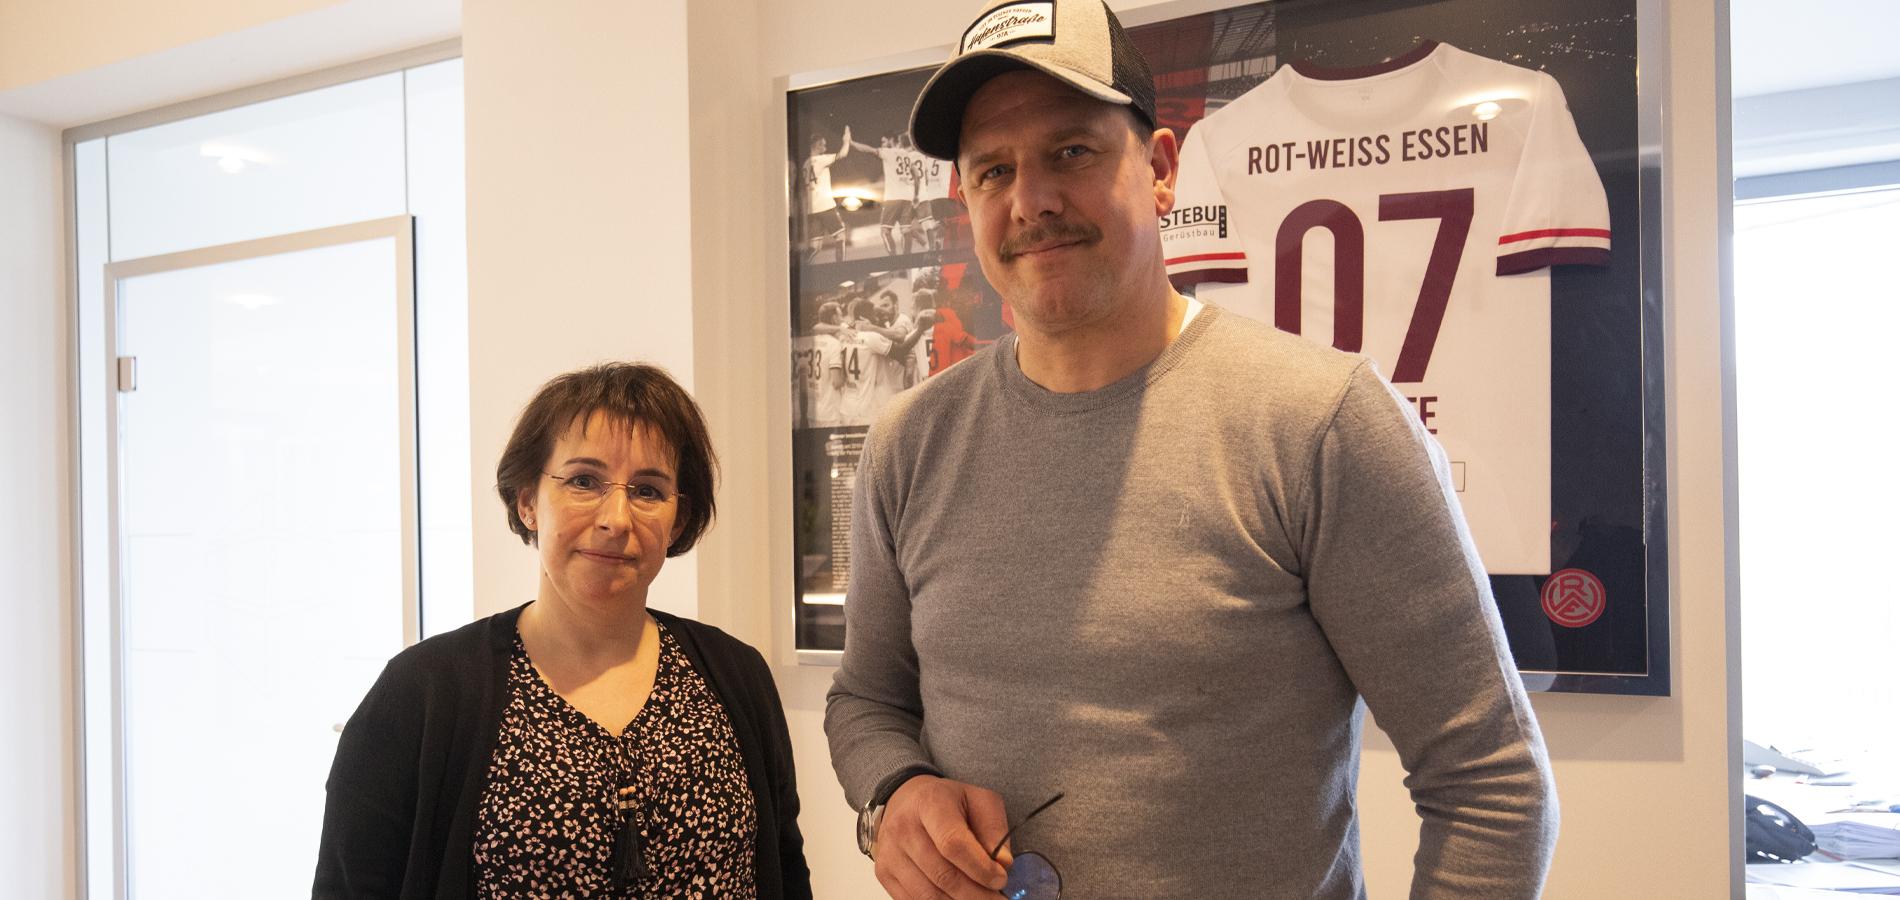 Arbeiten dank den Rot-Weissen Seiten zusammen: Yvonne Peipelmann (l.) und Lars Schulte, geschäftsführender Gesellschafter der Schulte Immobilien-Gruppe.